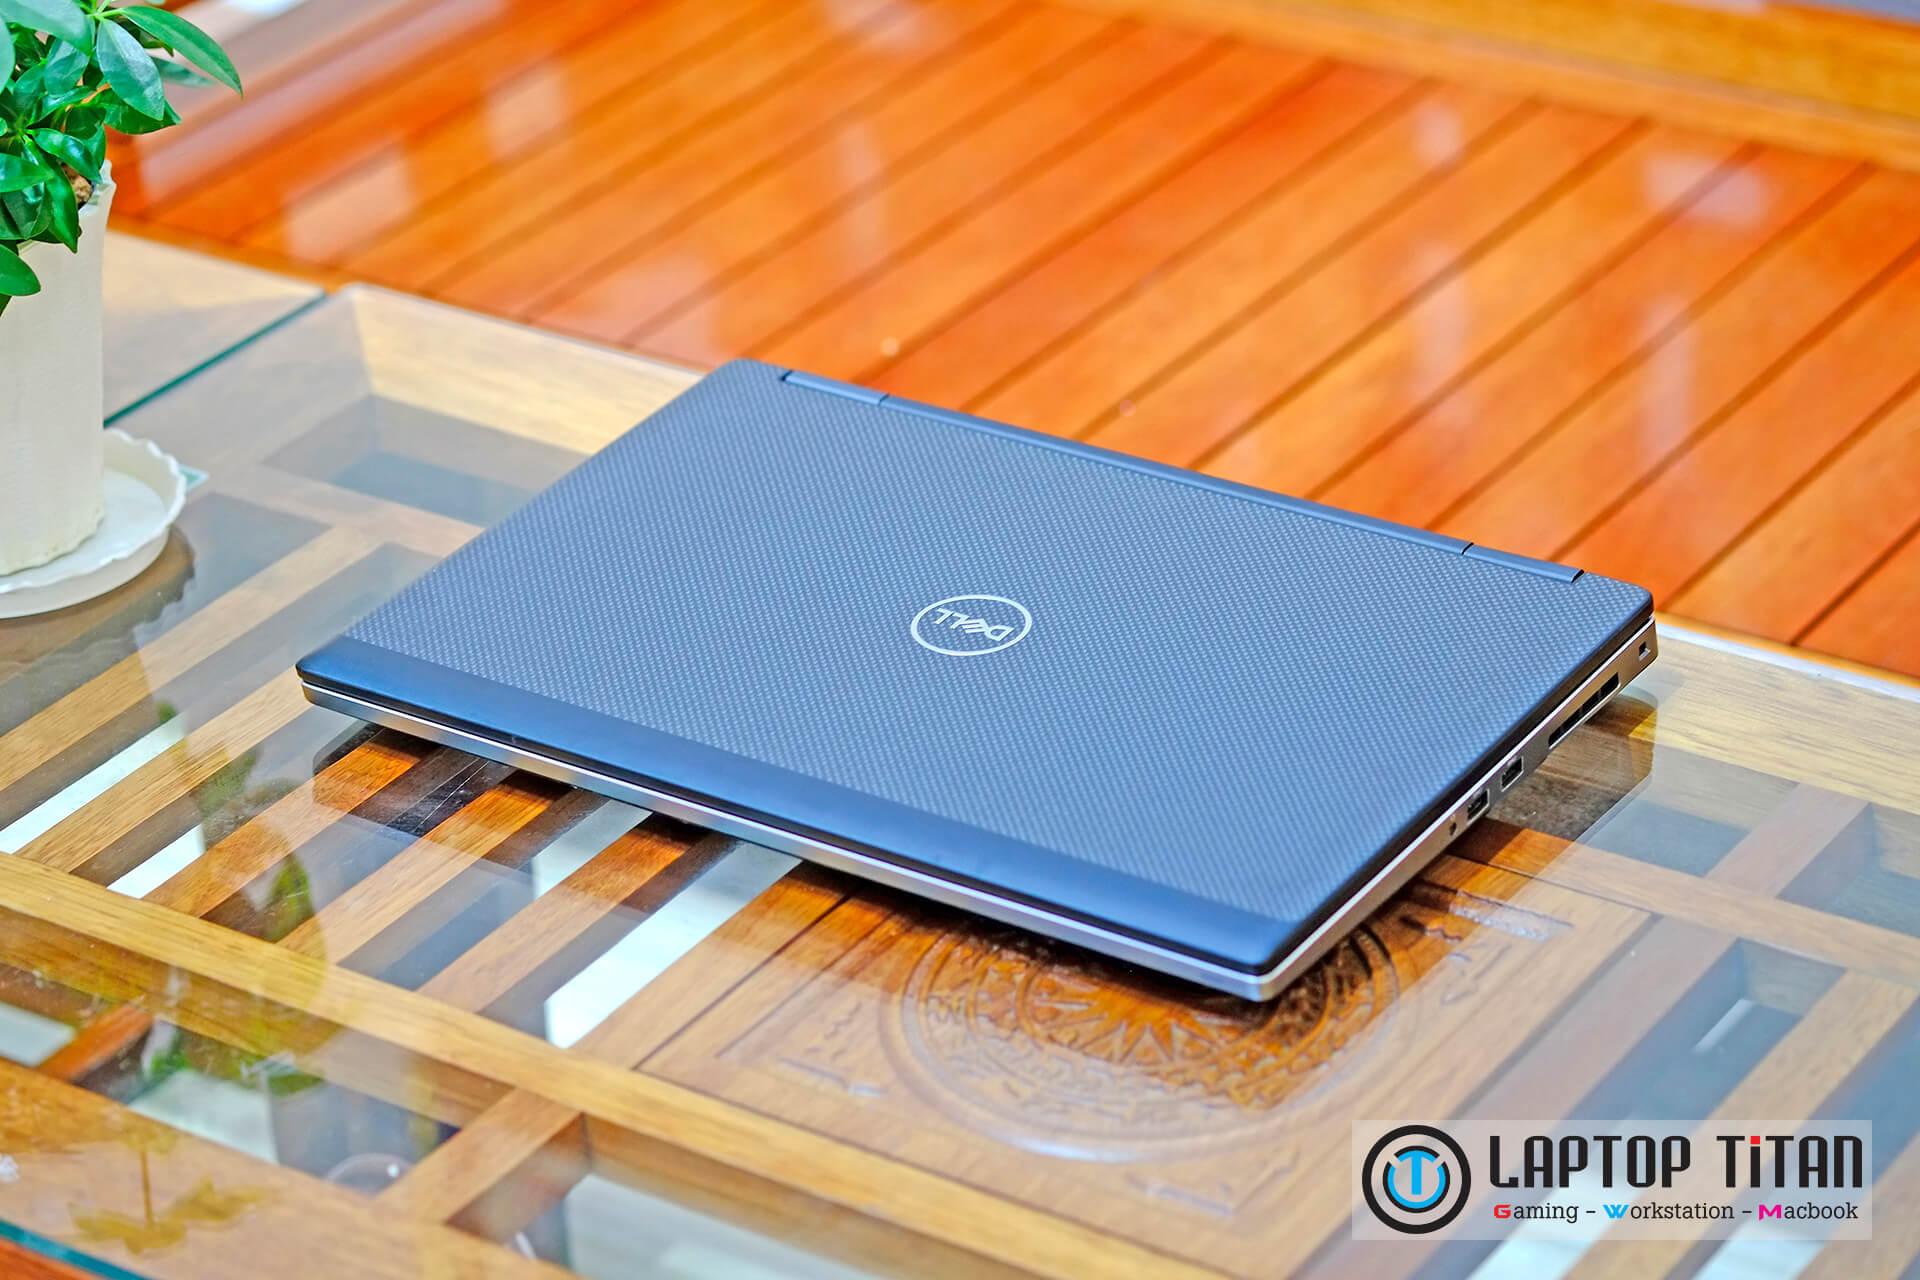 Dell Precision 7530 Laptoptitan 01